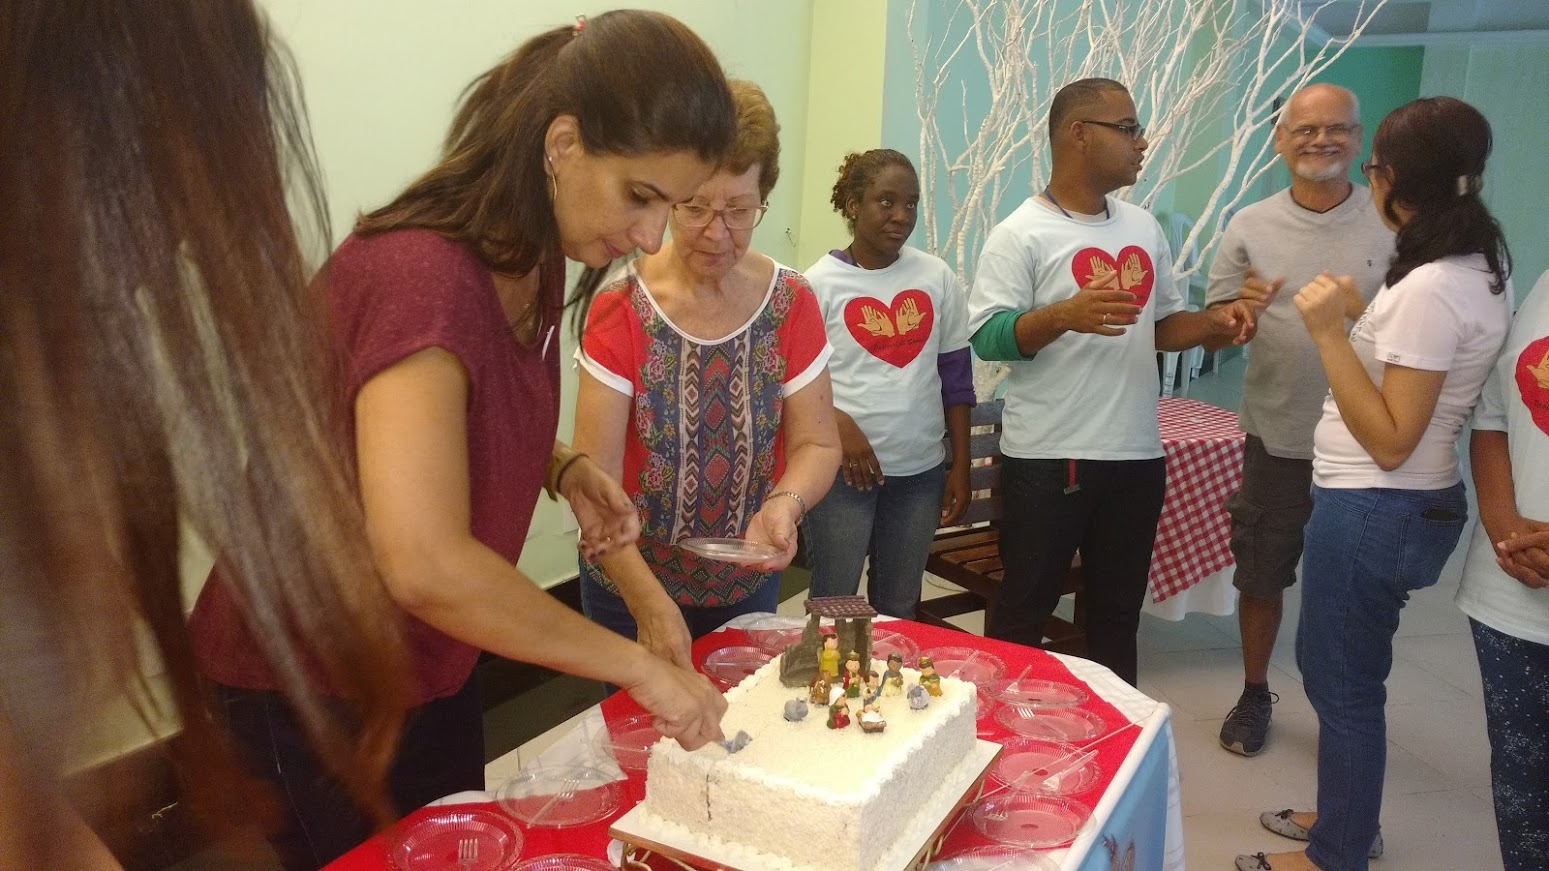 Iracema e Janise partindo o bolo comemorativo. Ambas são da Equipe de Coordenação do Regional Leste 1.